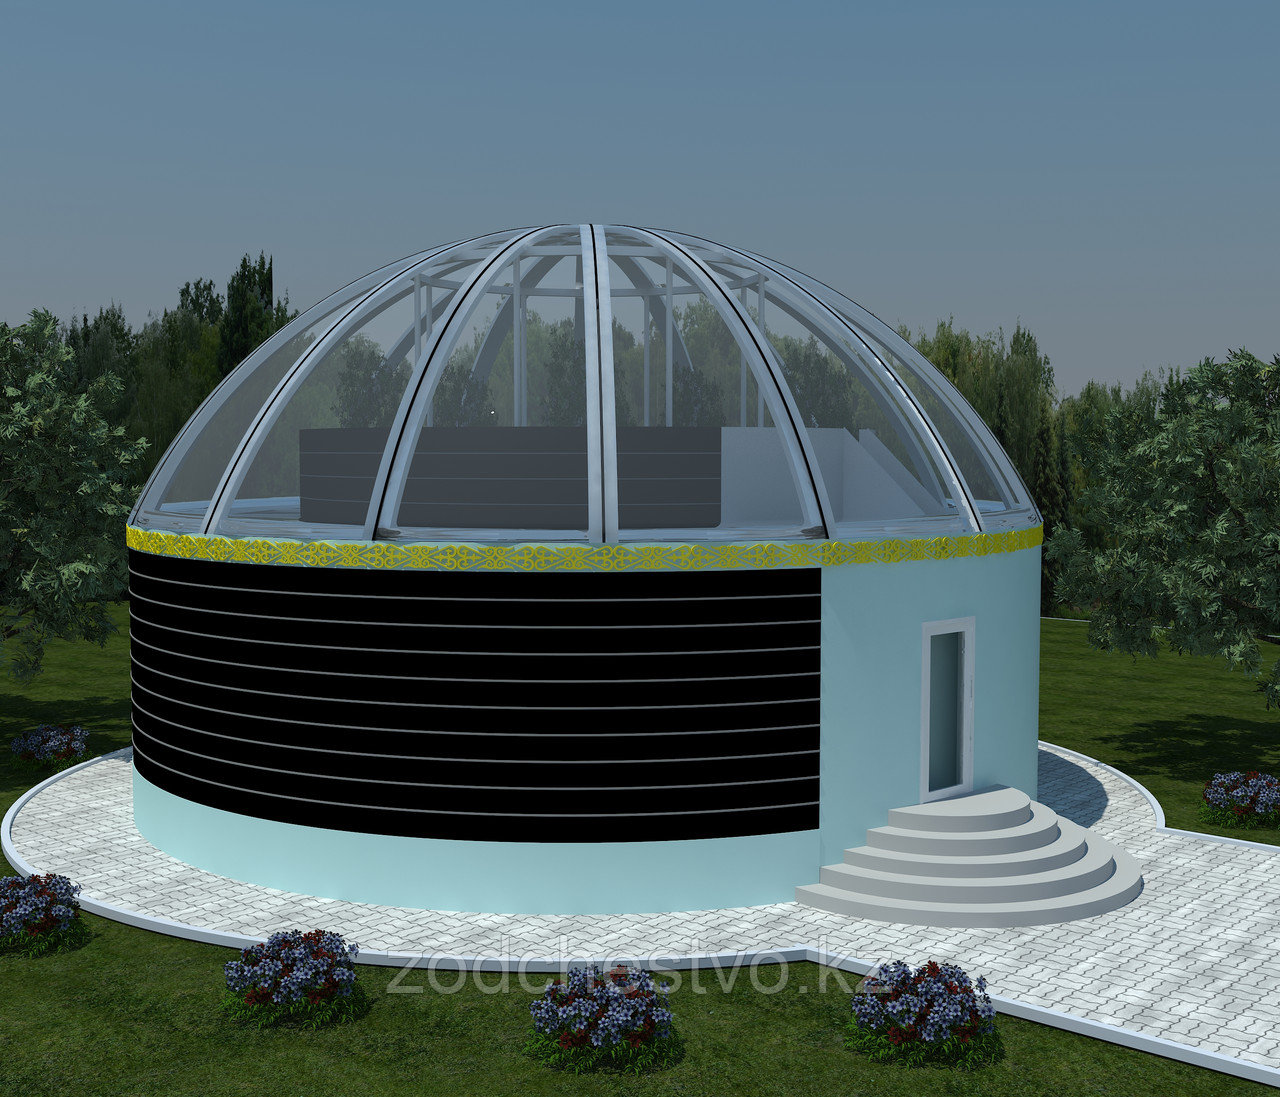 Проектирование и строительство из ЛМК туристических баз, домов отдыха, кафе, ресторанов в виде юрты